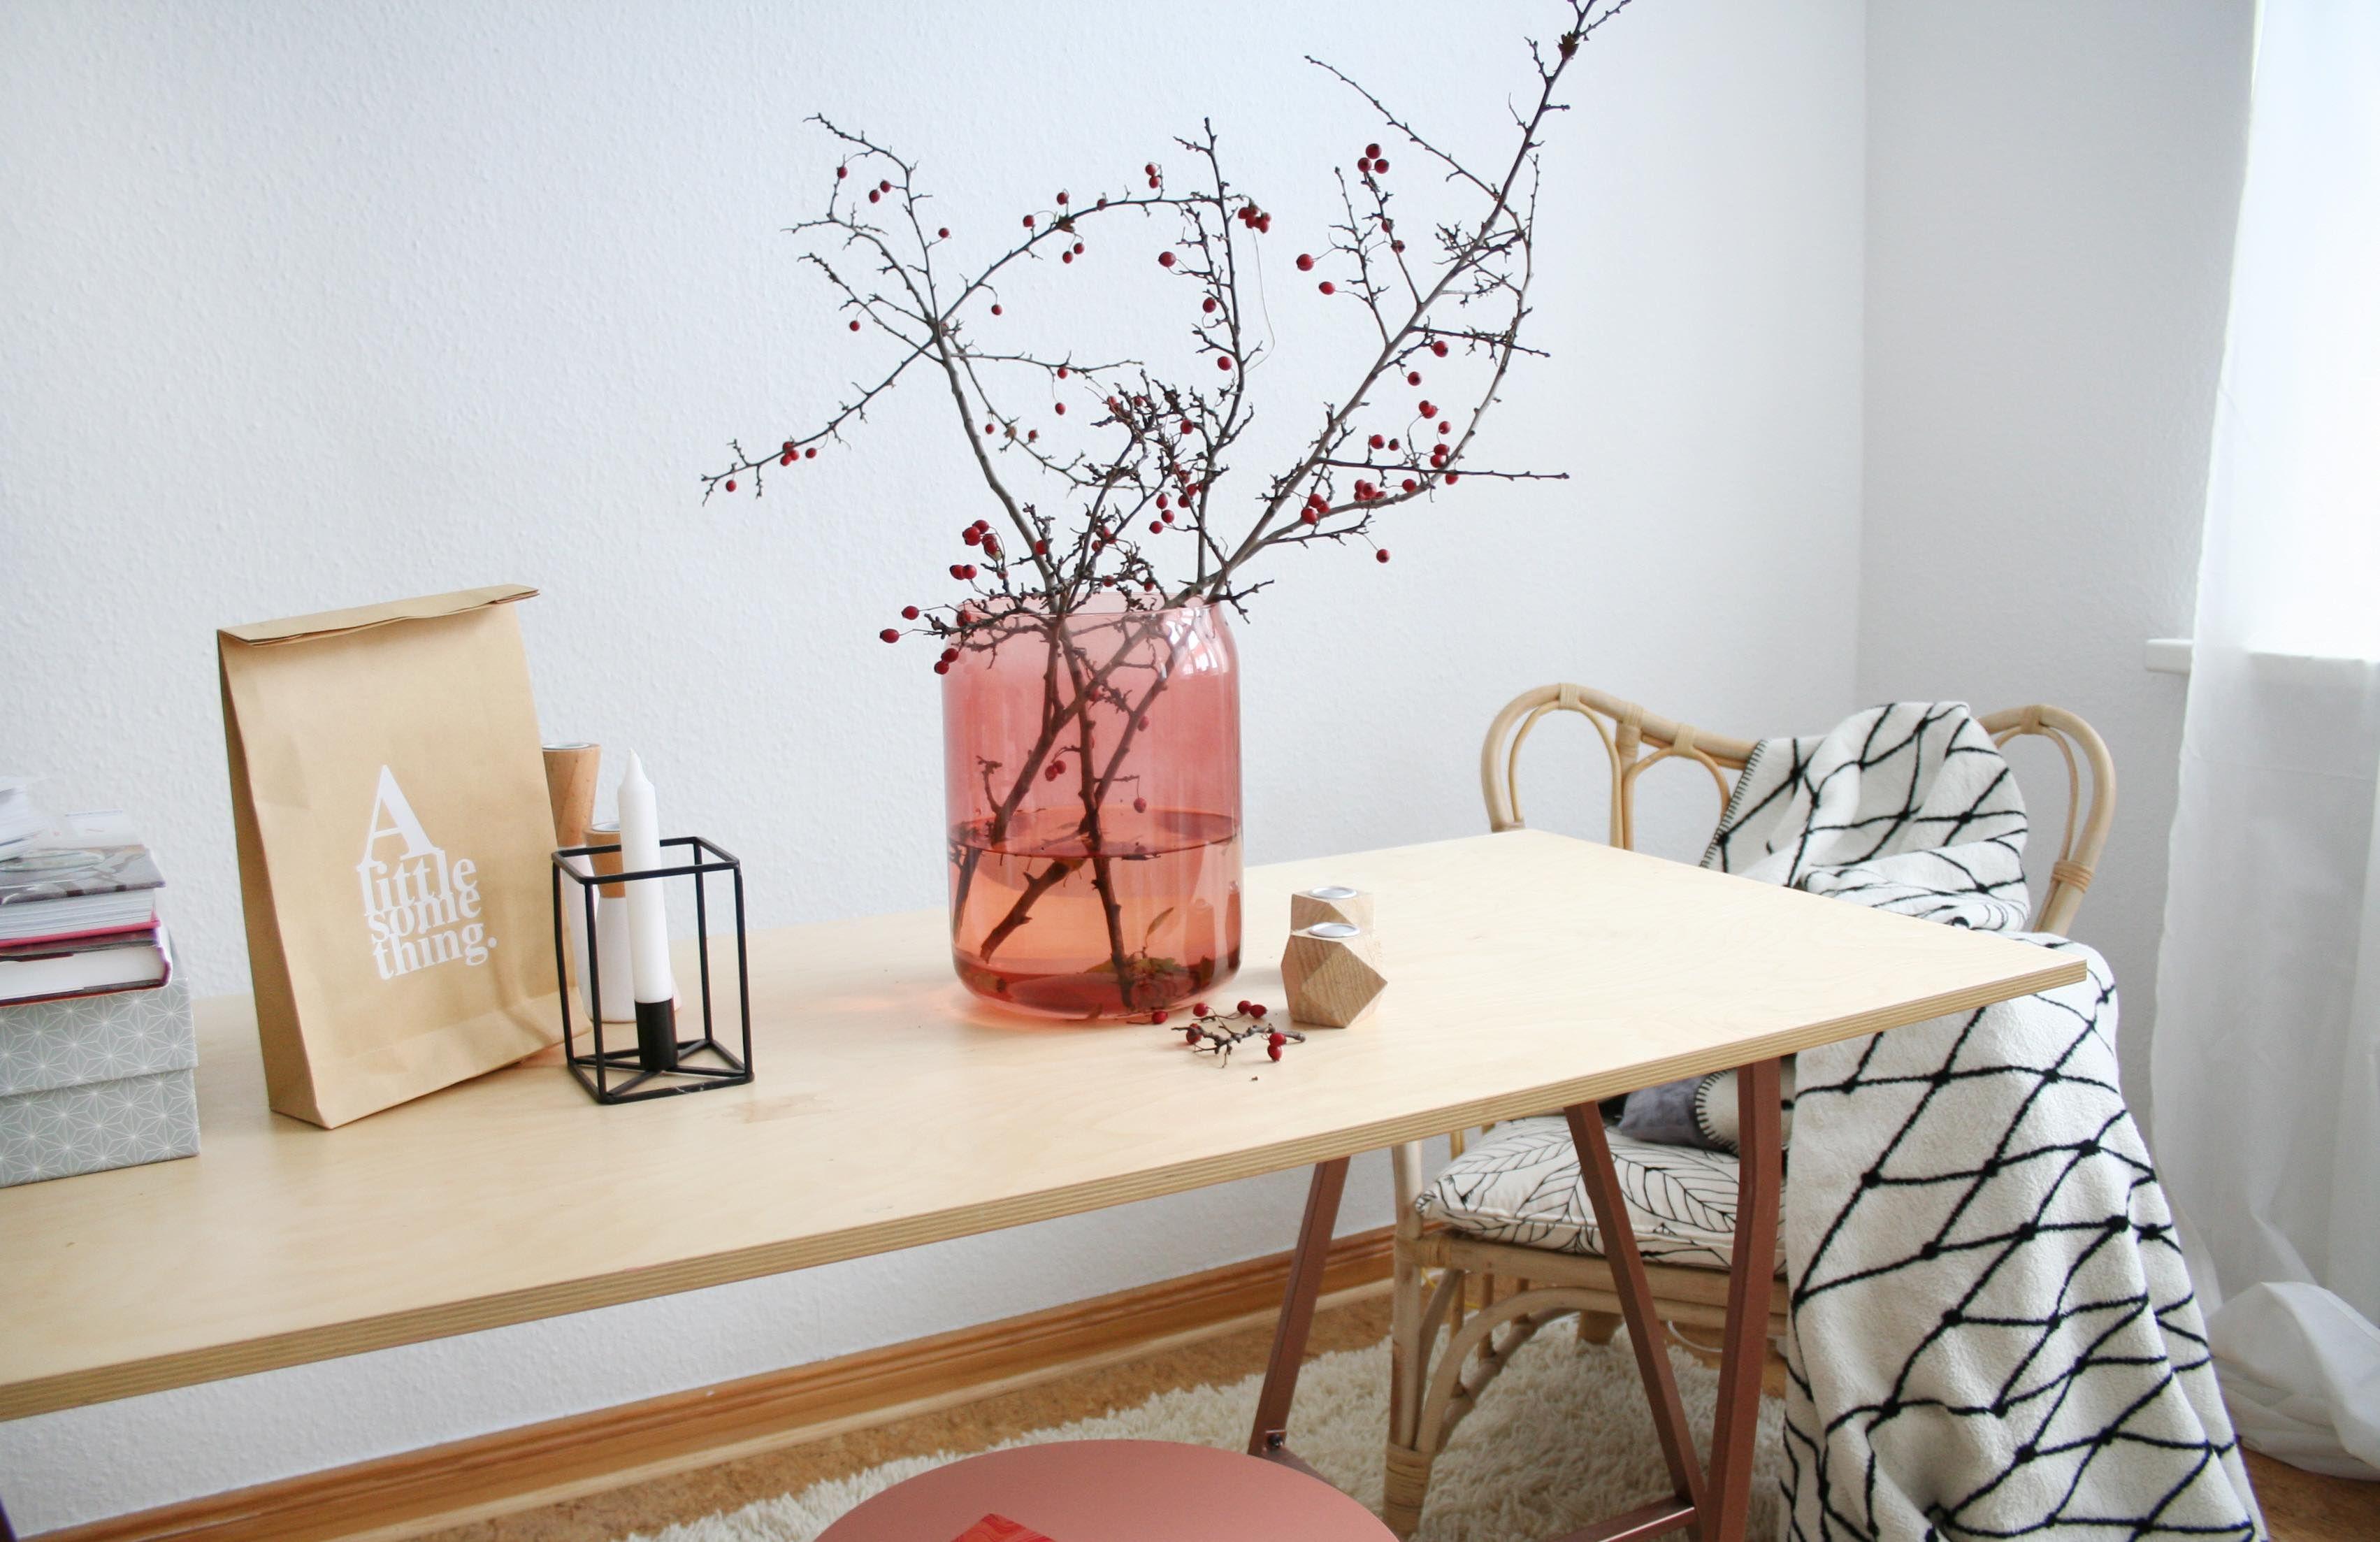 Attractive Einfache Dekoration Und Mobel Zuhause Einen Kuehlen Kopf Bewahren #9: Pinterest